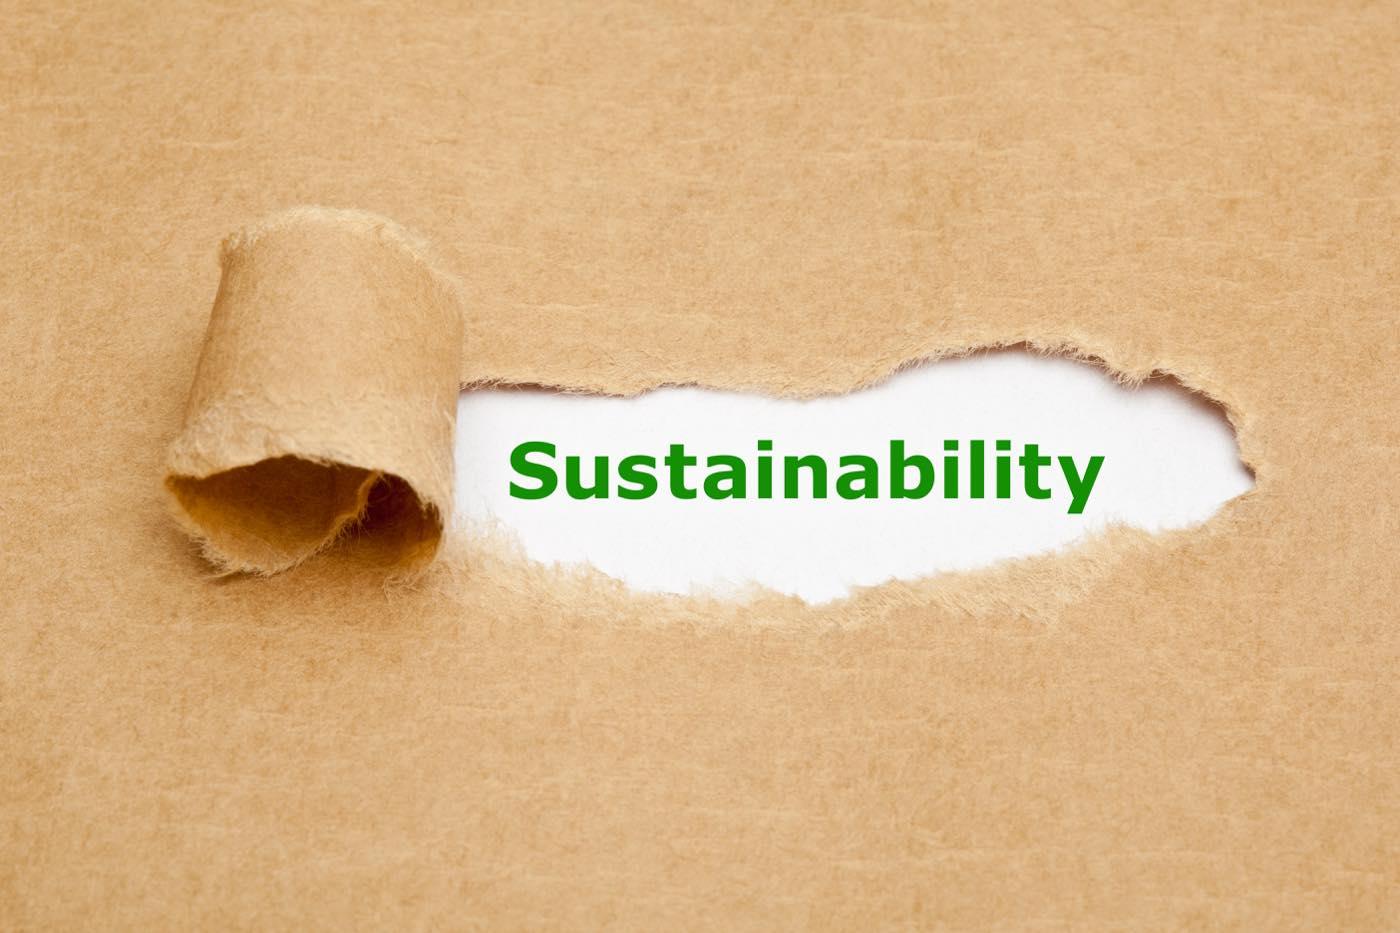 サスティナブルとは?地球環境を守るための新しい考えを生活に取り入れよう